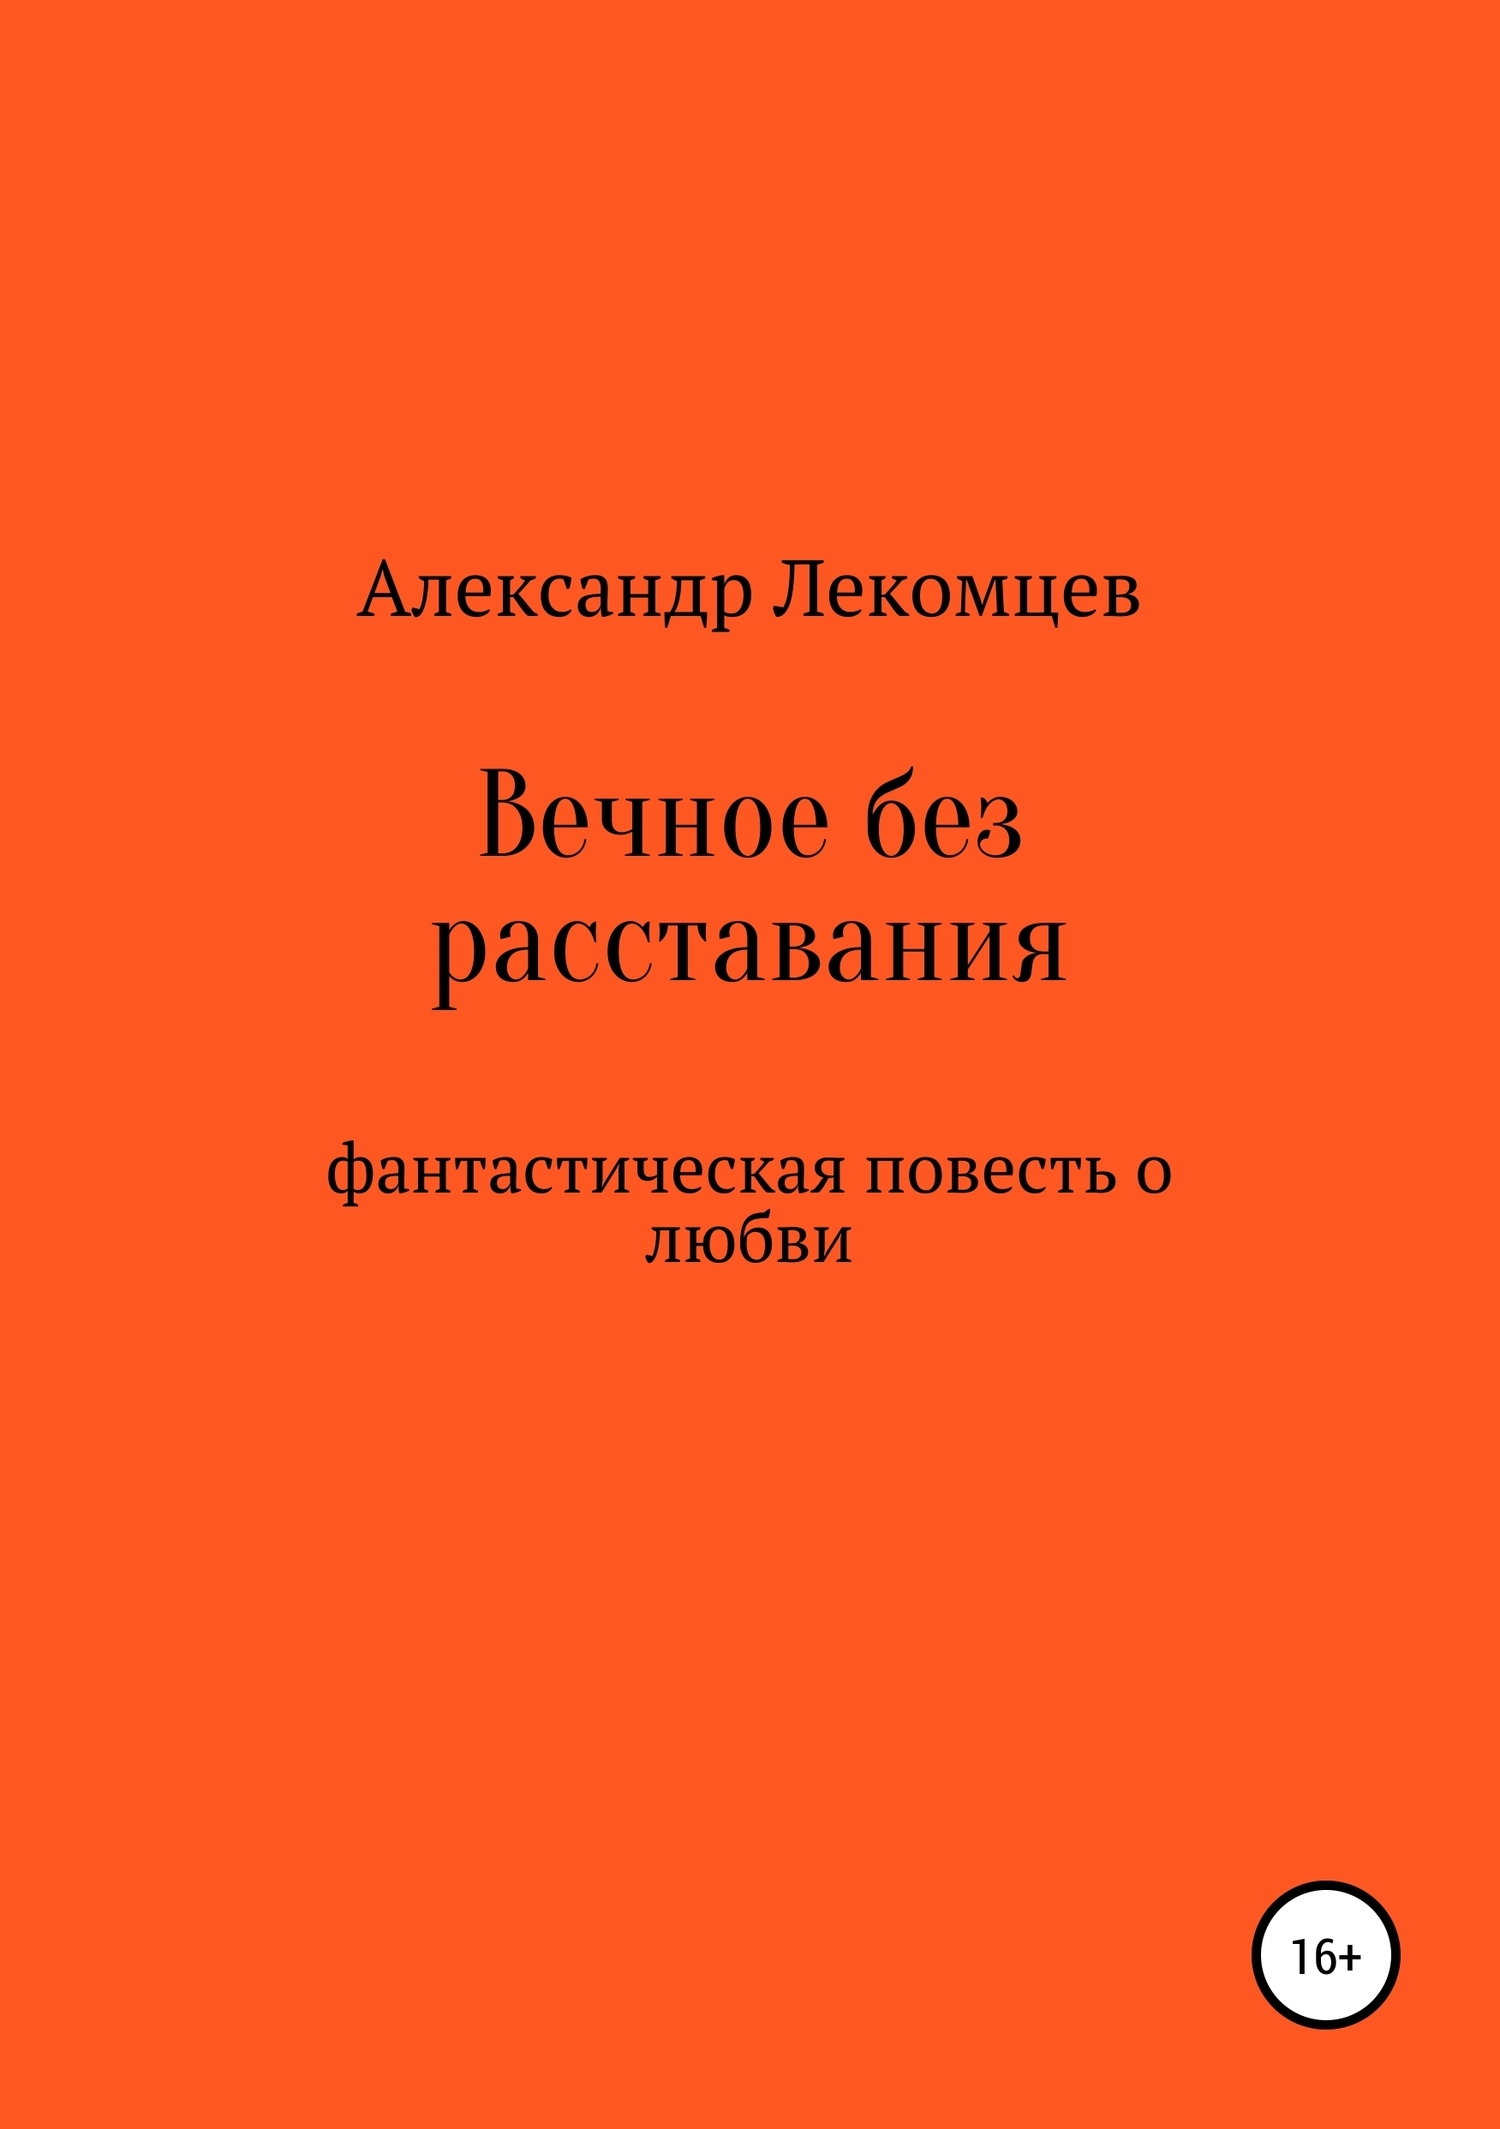 Александр Лекомцев - Вечное без расставания